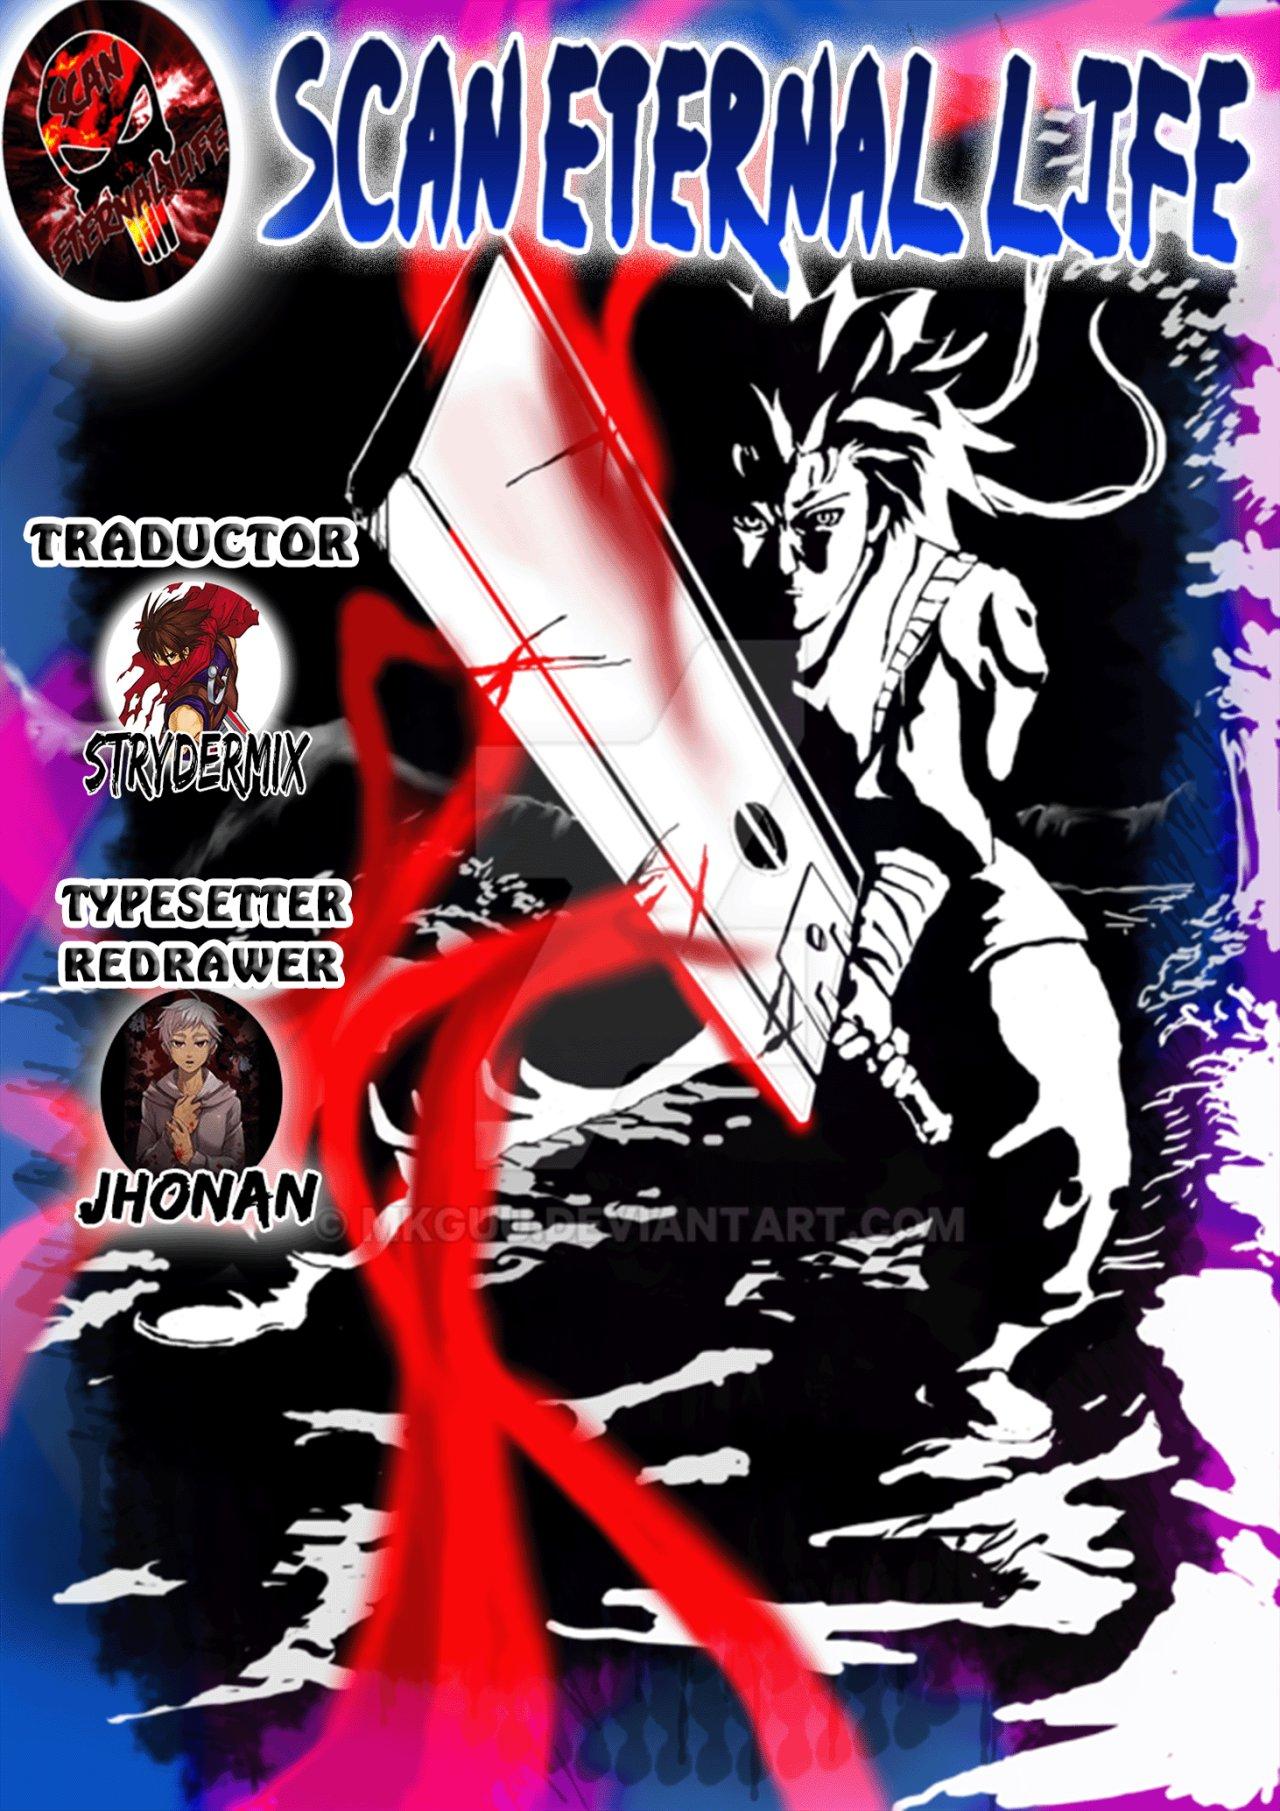 https://c10.mangatag.com/es_manga/pic5/10/14602/773911/f739ffec9c4d7bfab01e567918c29f03.jpg Page 1